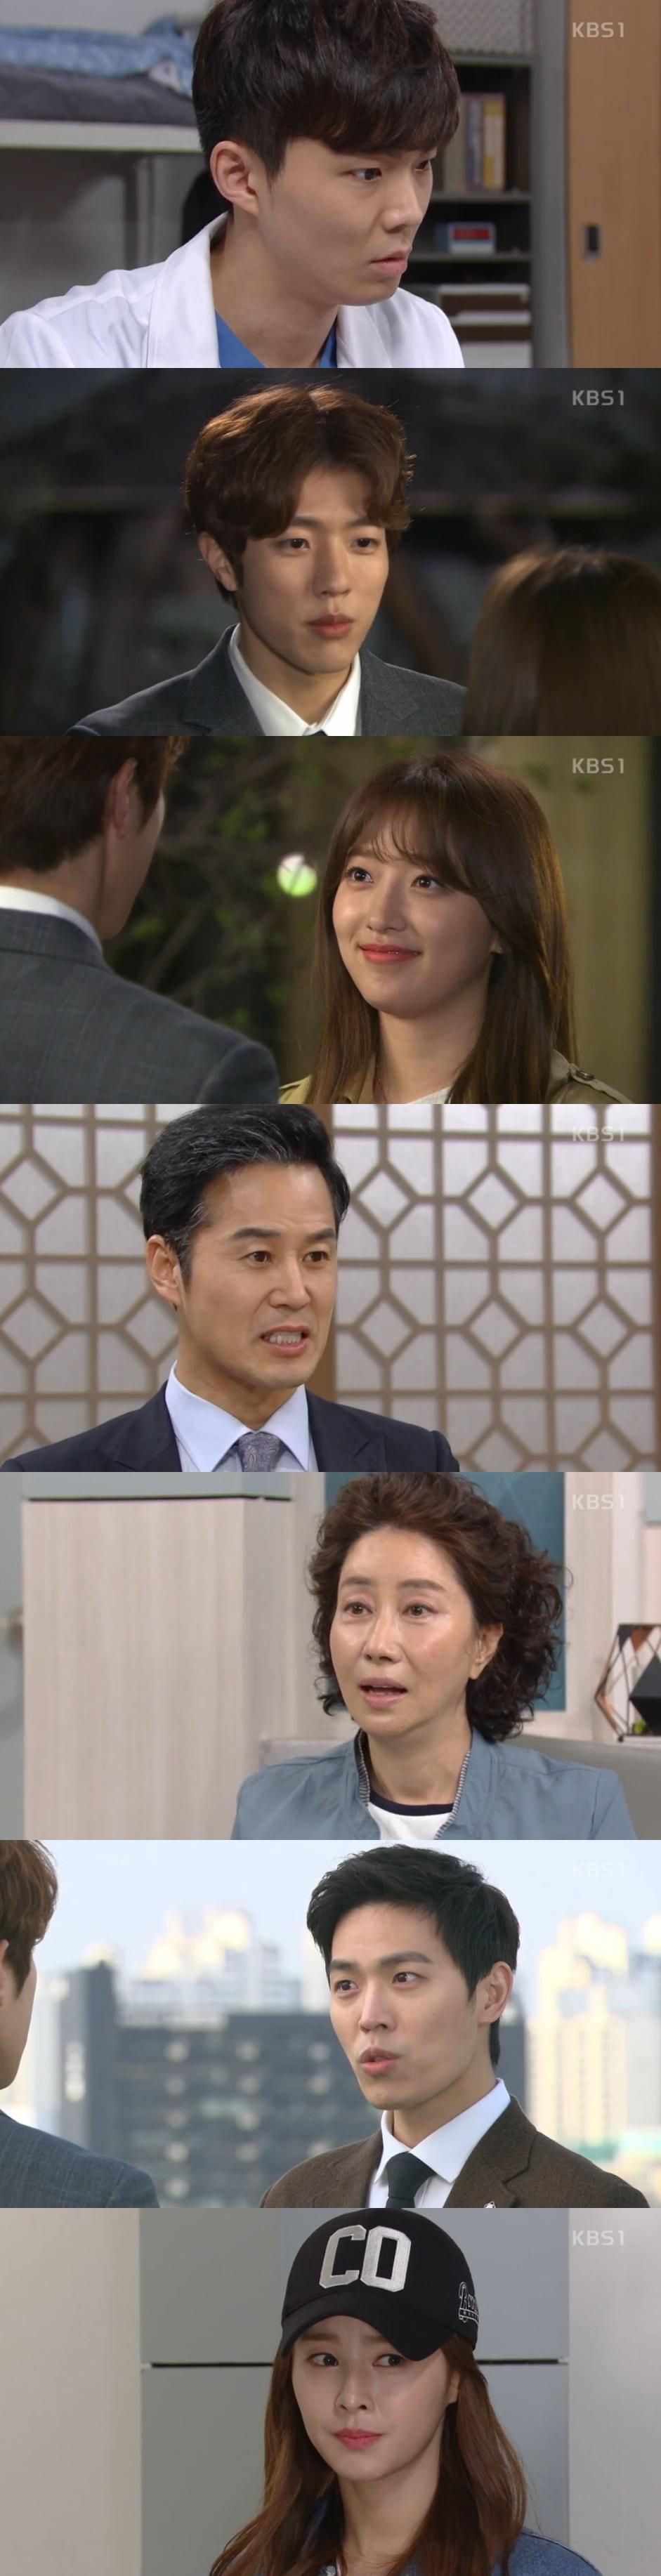 종합'미워도 사랑해' 송옥숙 이성열에 신장기증했다 반전 인연